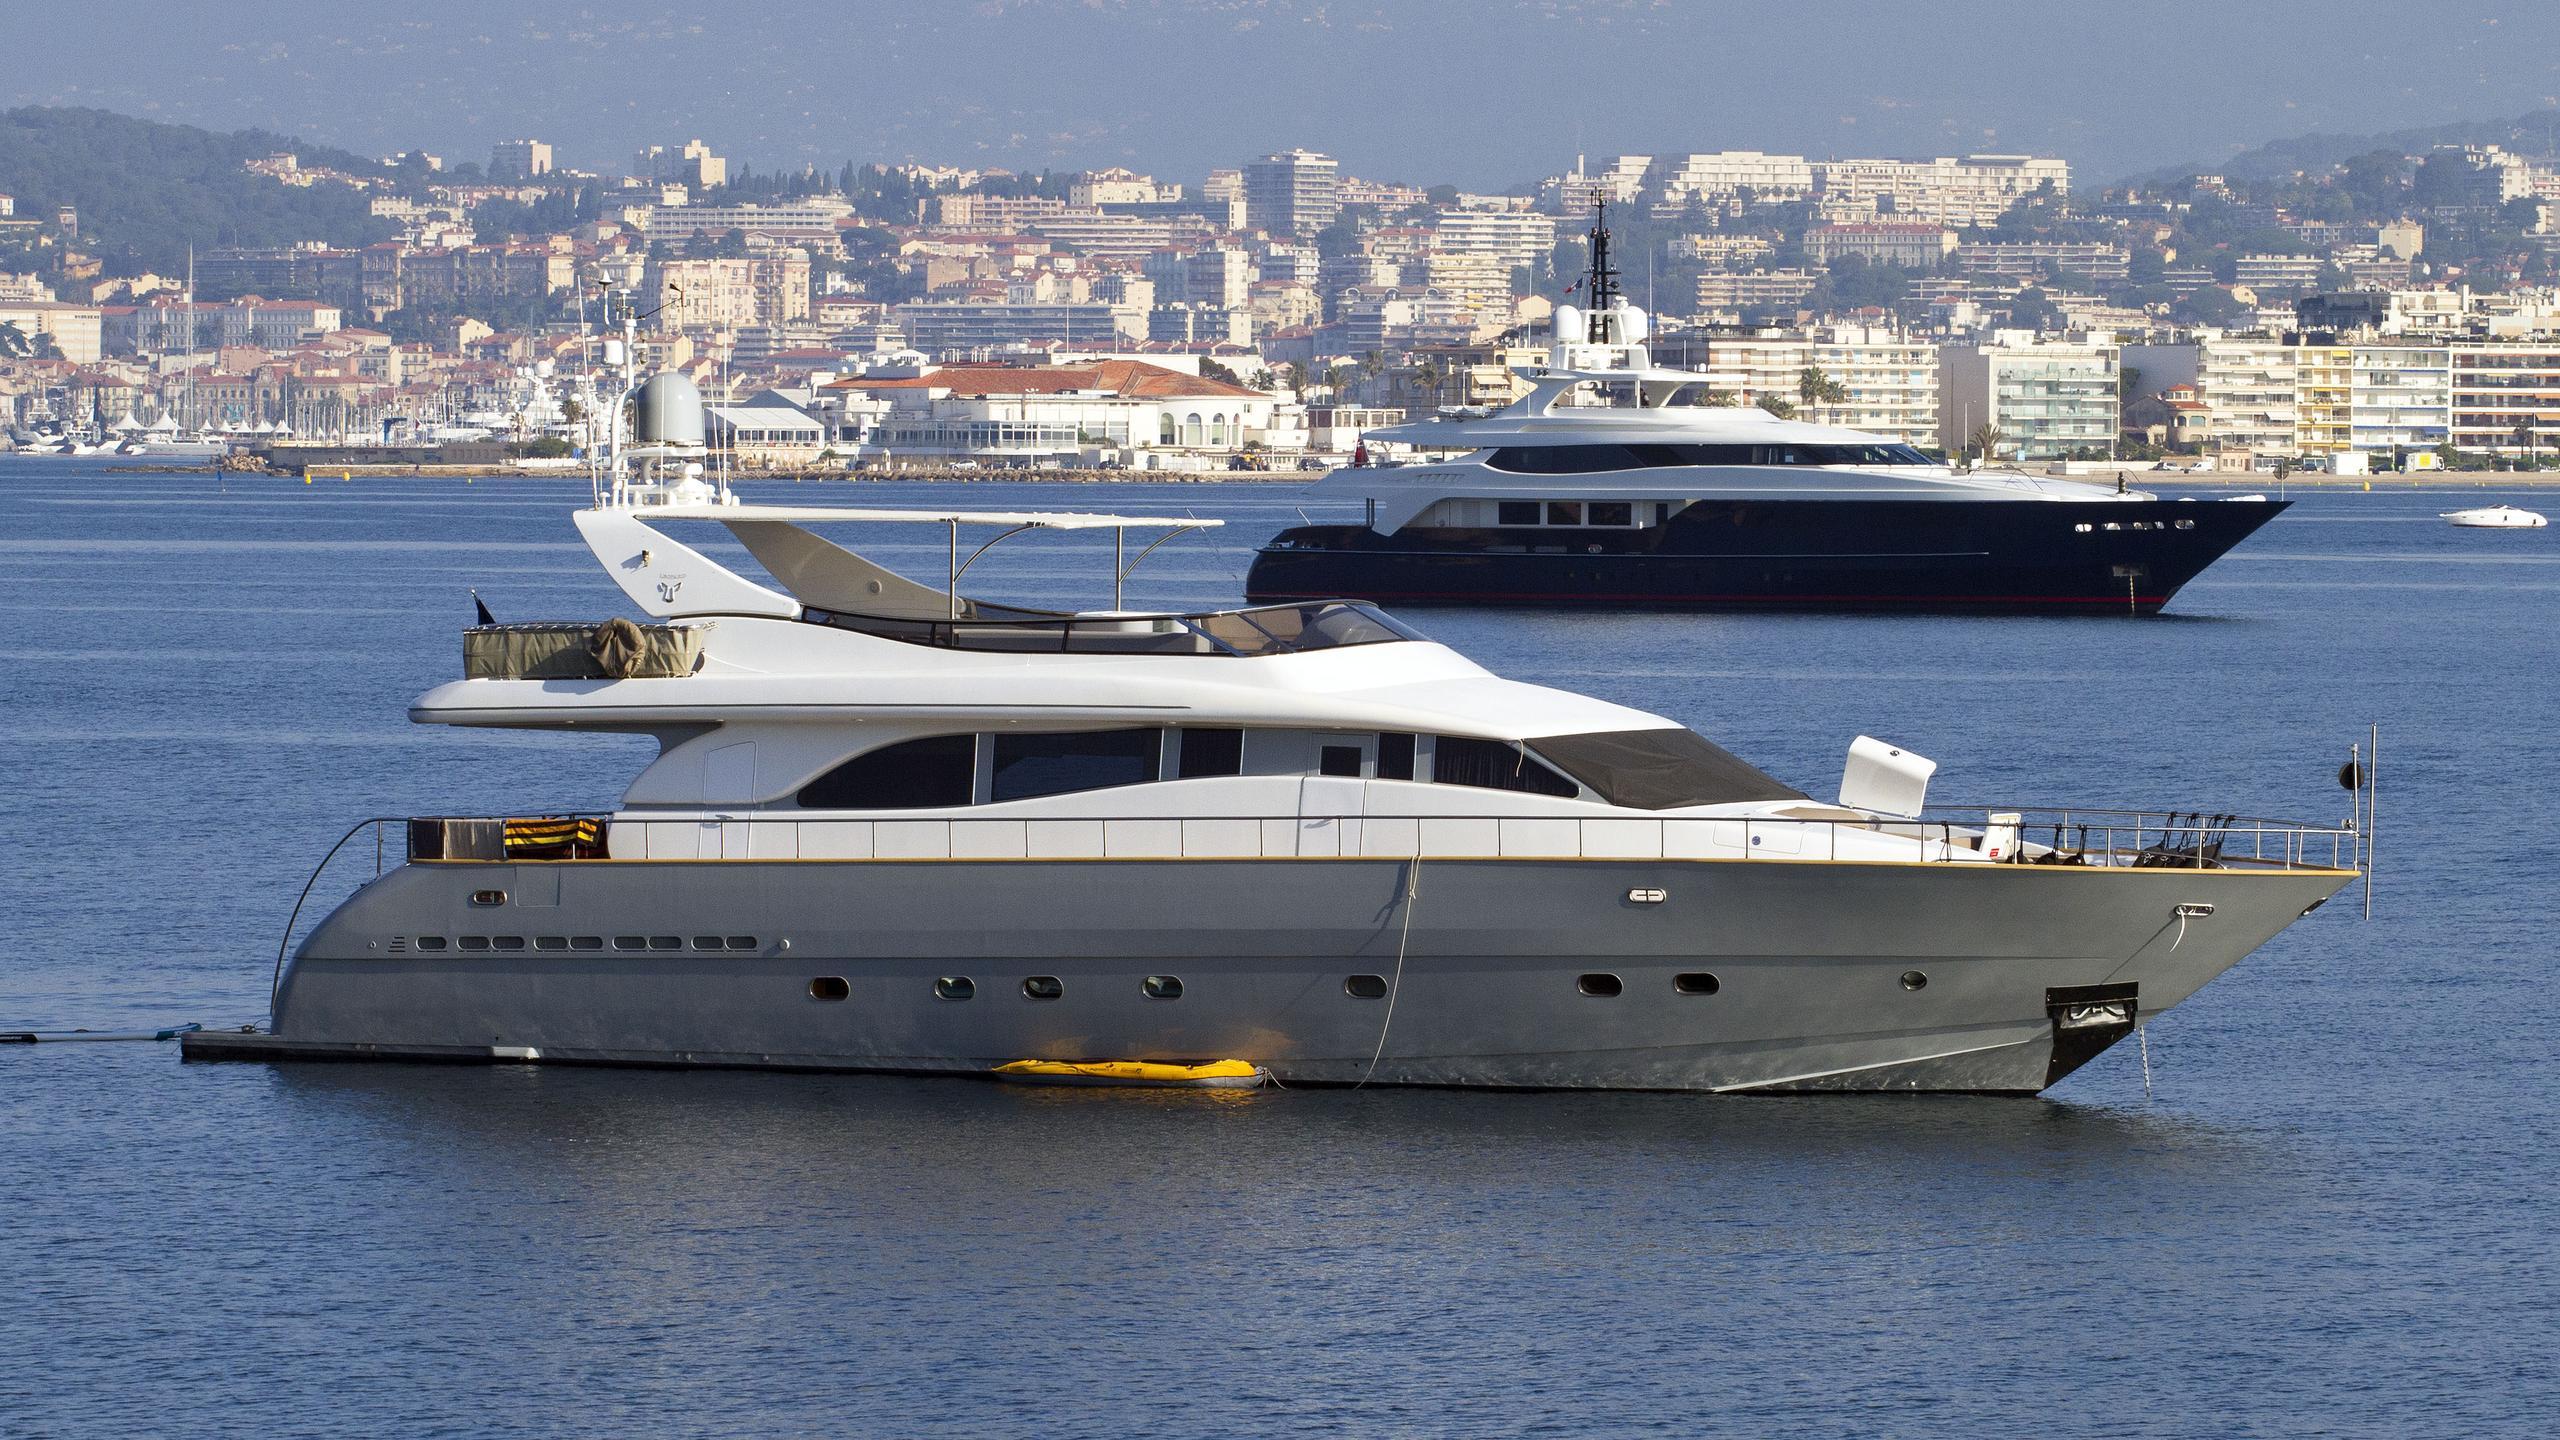 coca-vi-motor-yacht-arno-leopard-26-my-2000-26m-front-half-profile